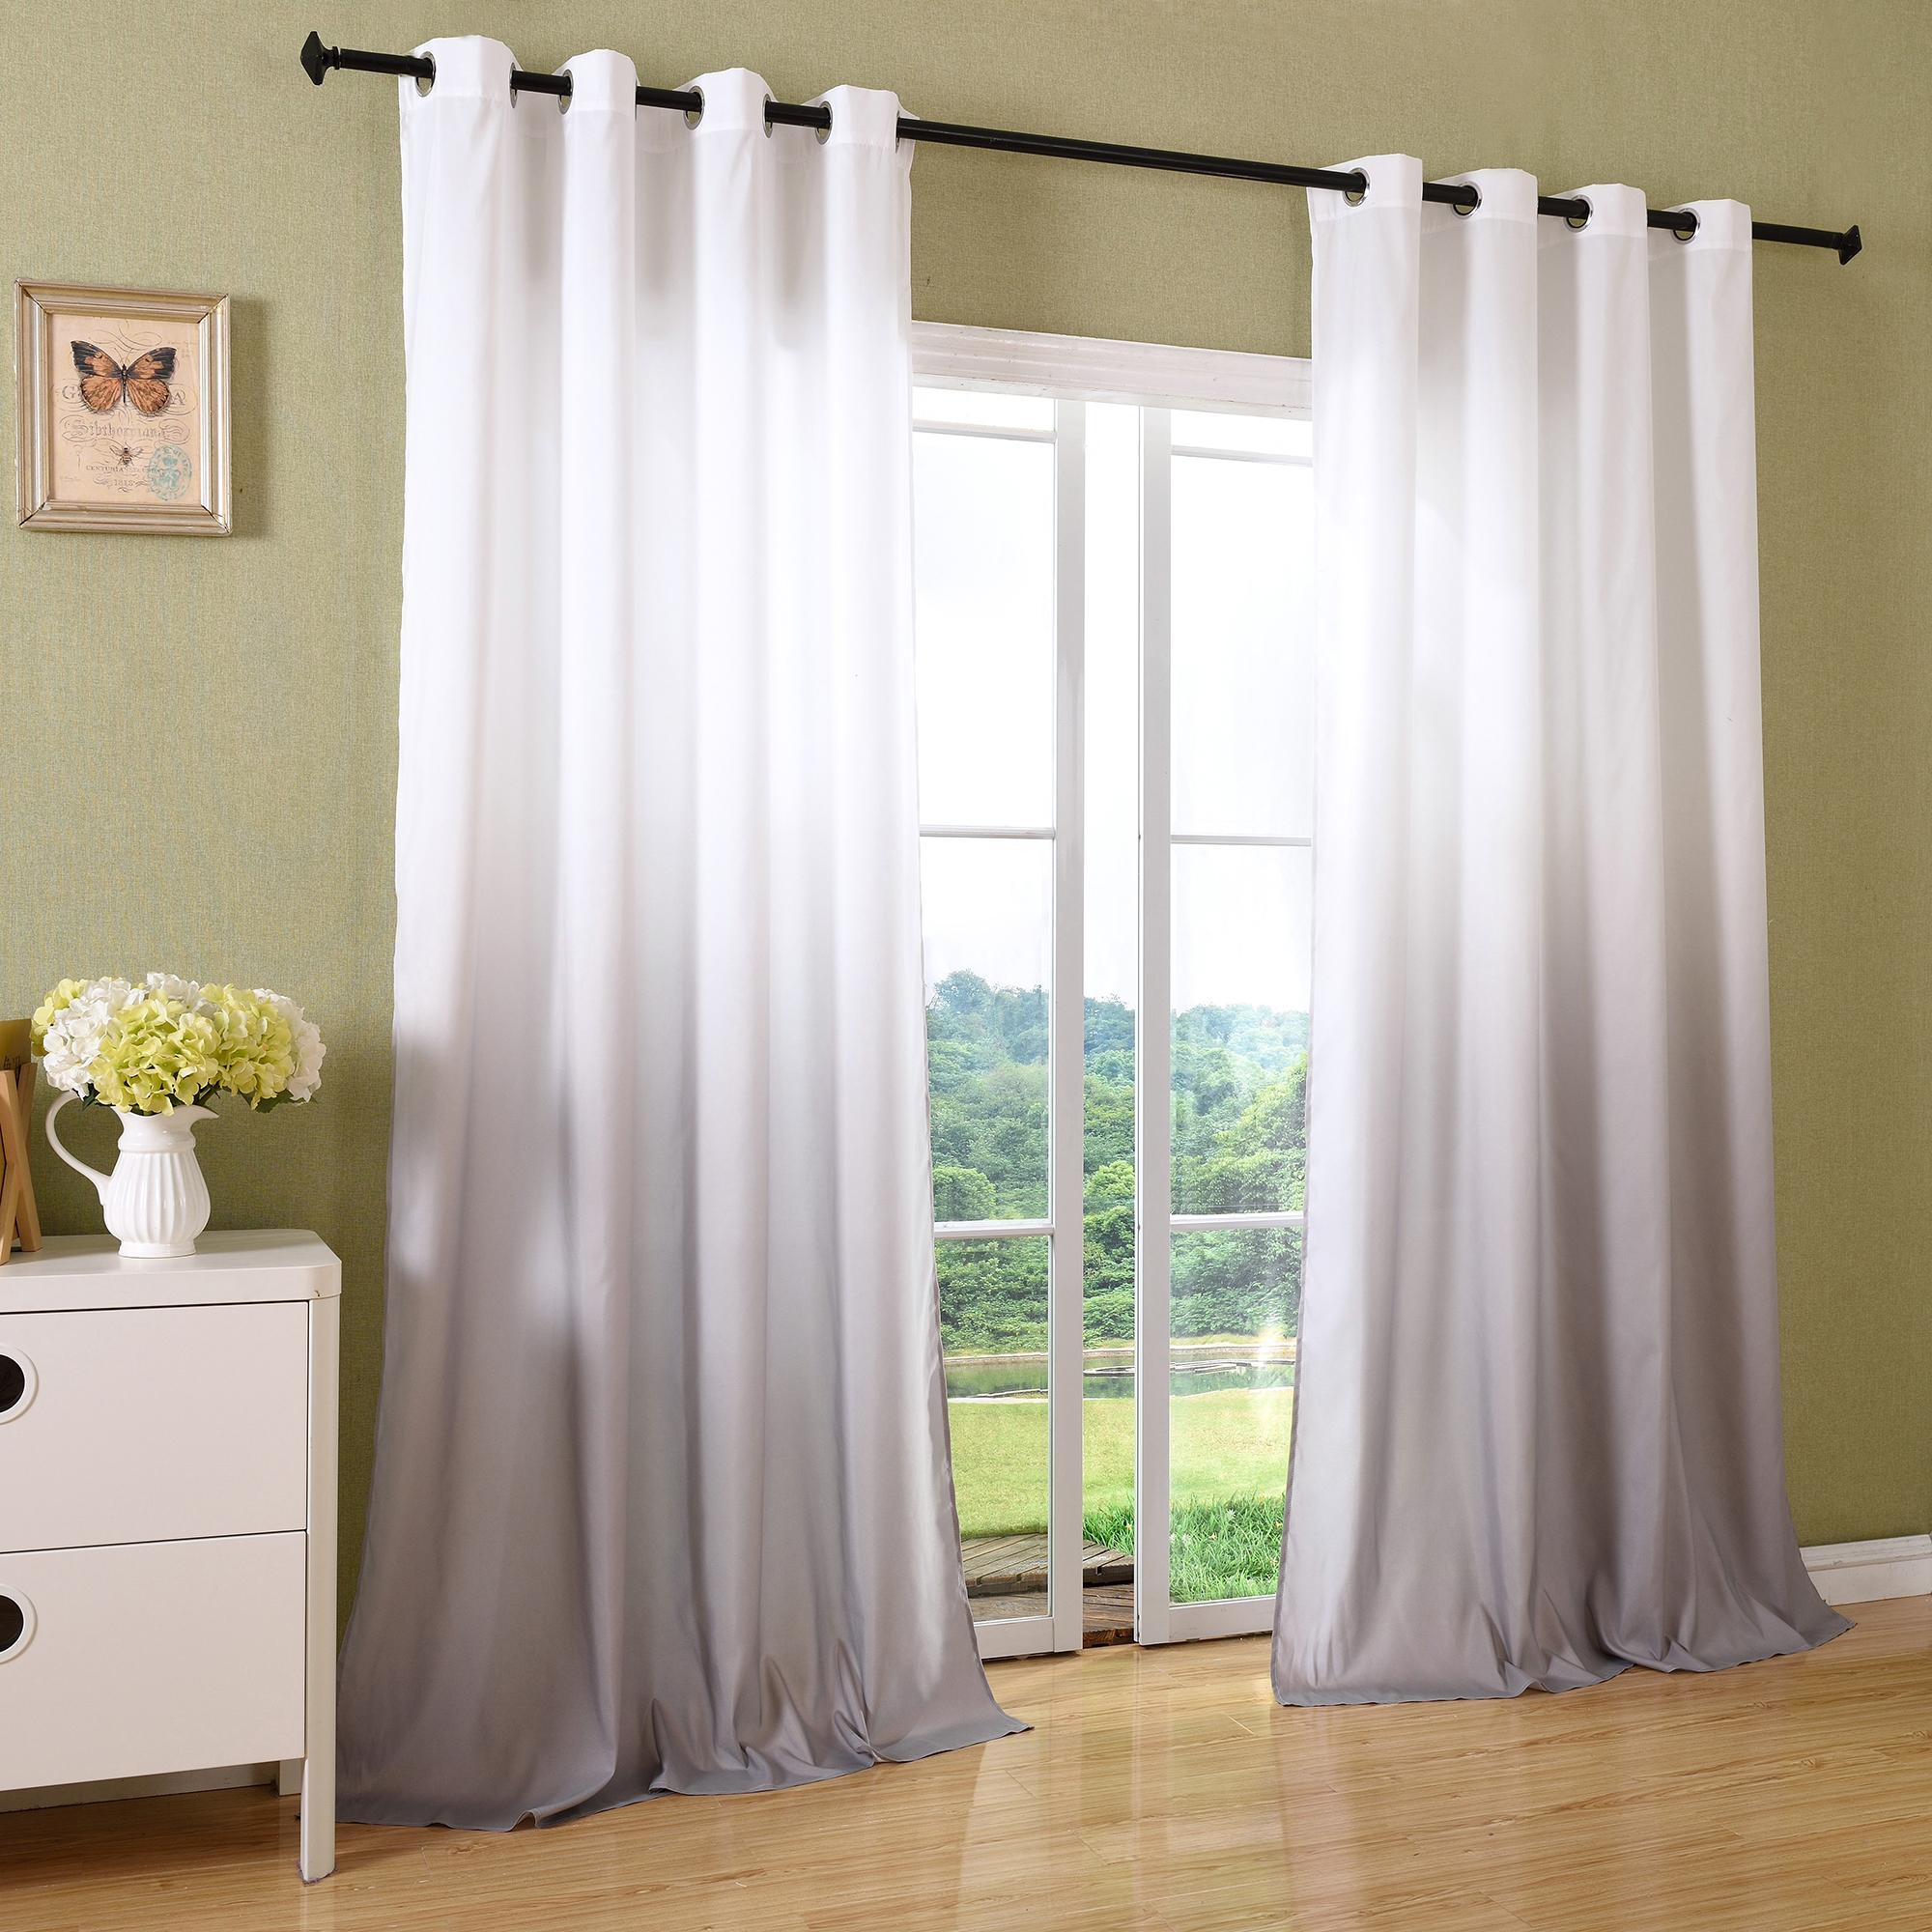 Full Size of Schal Blickdicht Vorhang Sen Gardine Microsatin Farbverlauf Wohnzimmer Vorhänge Küche Schlafzimmer Wohnzimmer Vorhänge